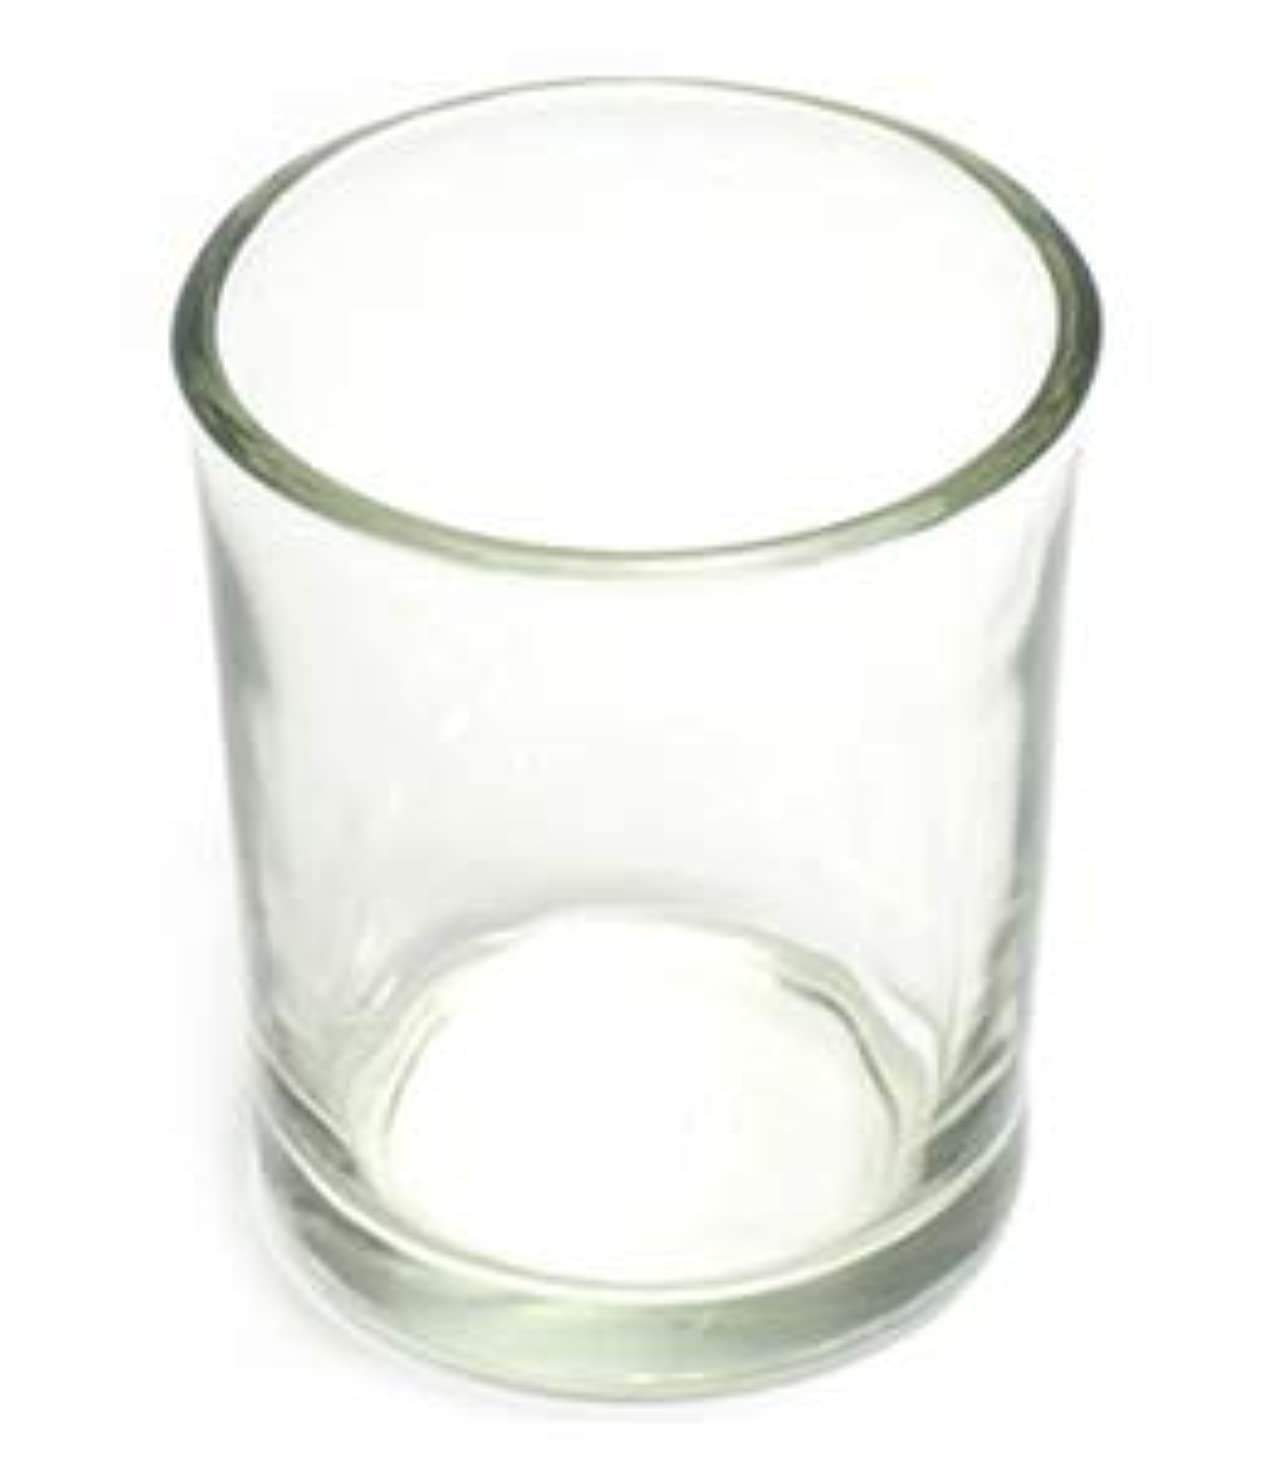 ぜいたくうん弁護キャンドルホルダー ガラス シンプル[小] 1個 キャンドルスタンド 透明 クリア おしゃれ ろうそく立て